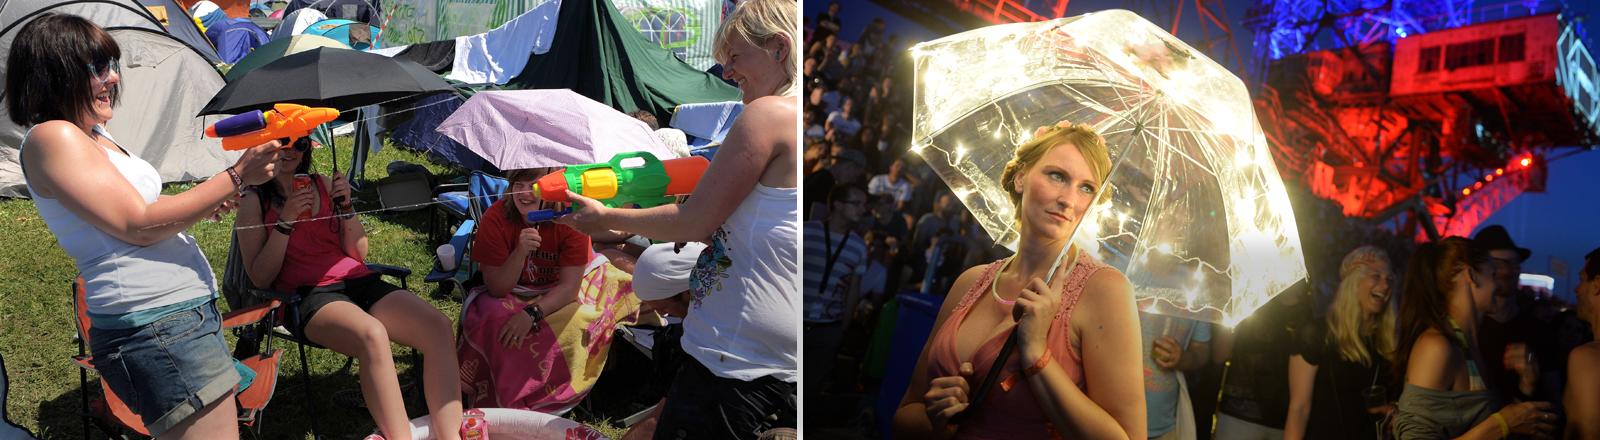 Zwei Frauen bespitzen sich bei Rock am Ring mit Wasser auf dem Campingplatz. Eine Frau wandelt mit beleuchtetem Schirm übers Melt!